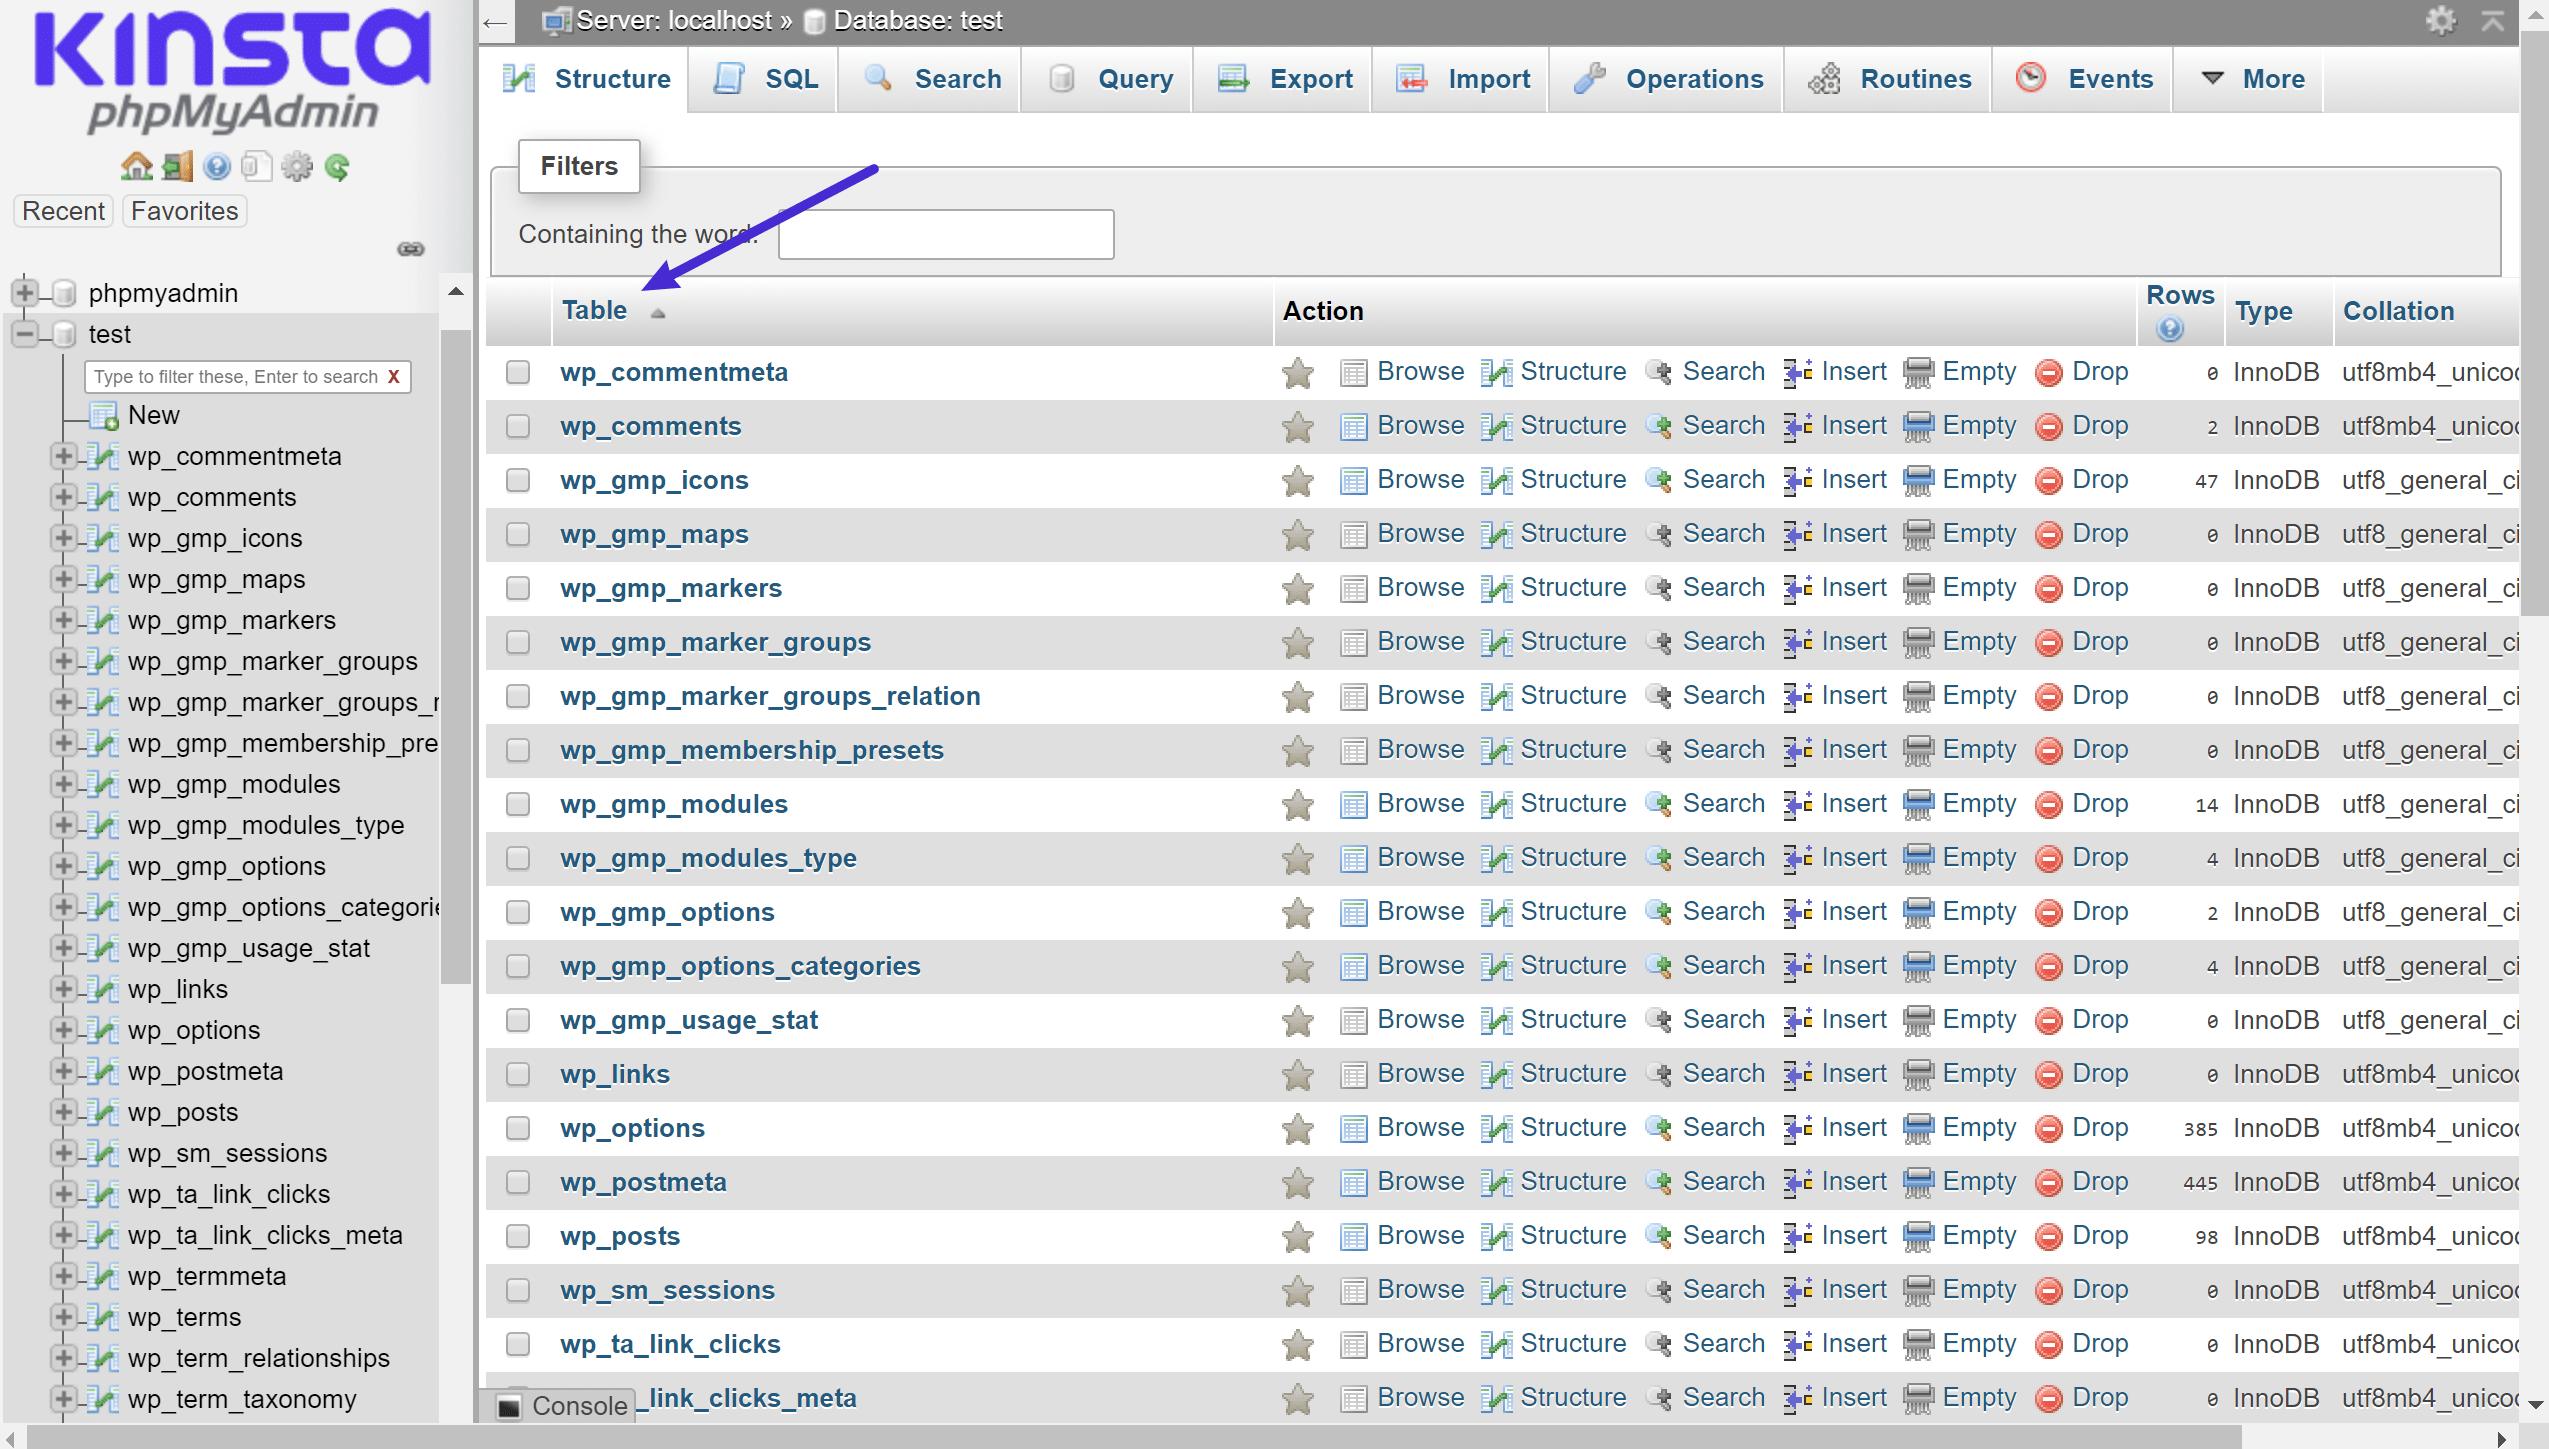 Um exemplo das tabelas diferentes MySQL